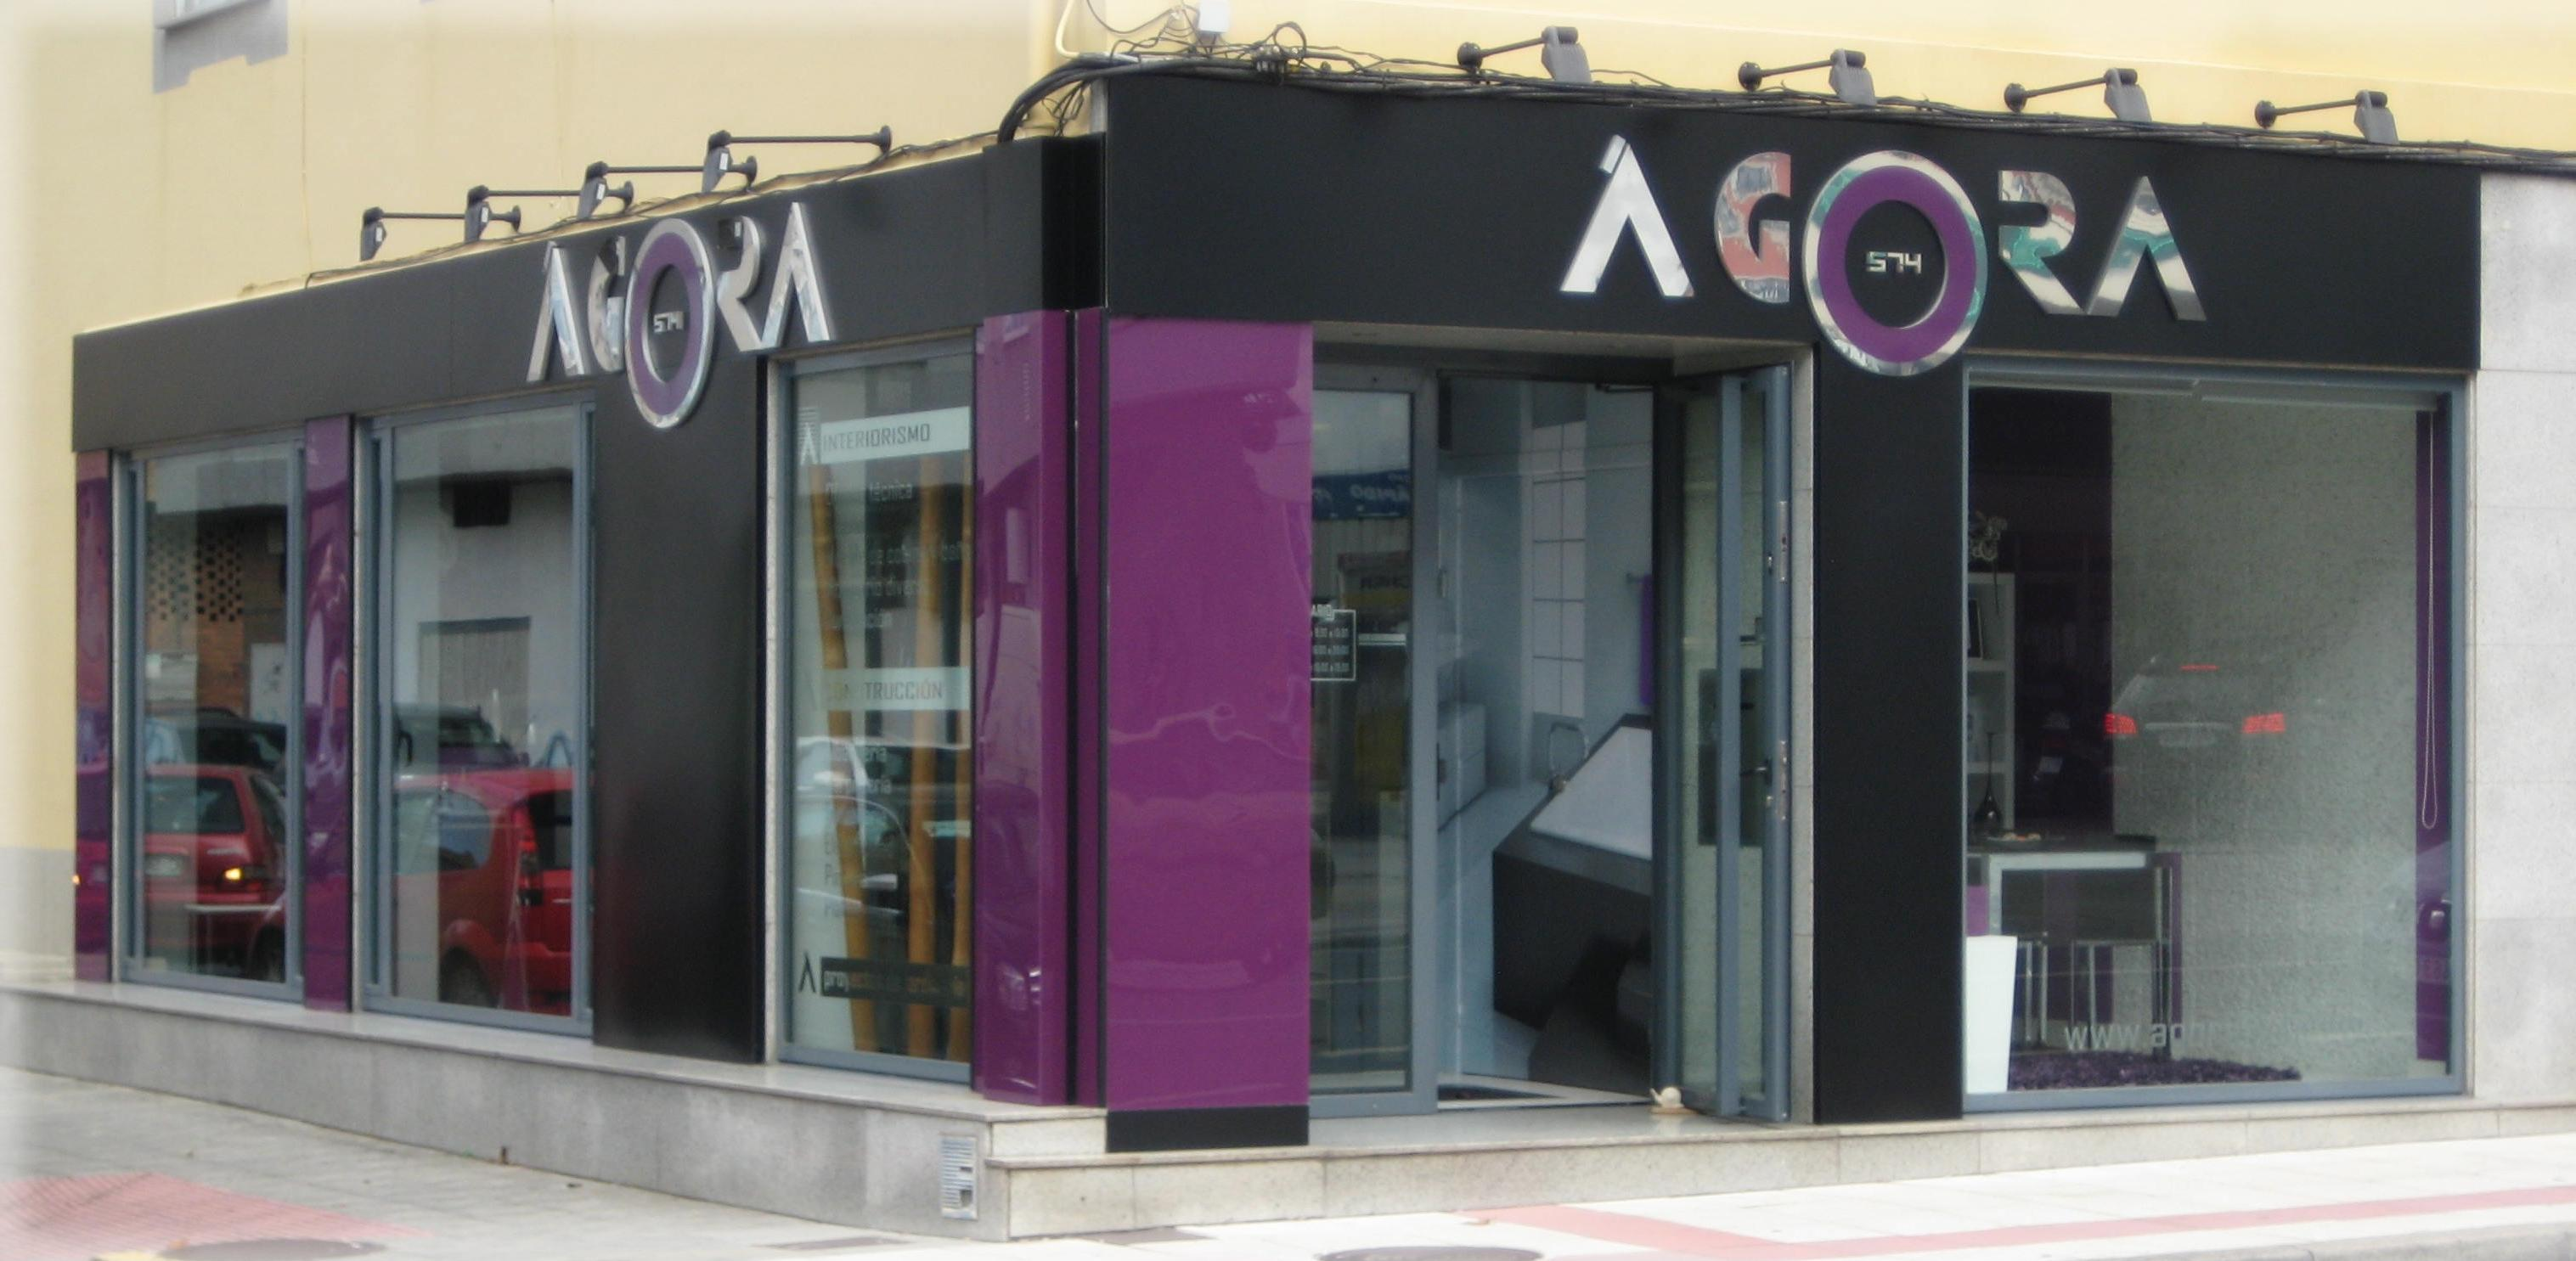 Agora574 es una empresa que nace en 2011 de la uni n de for Zarosan construcciones y reformas sl